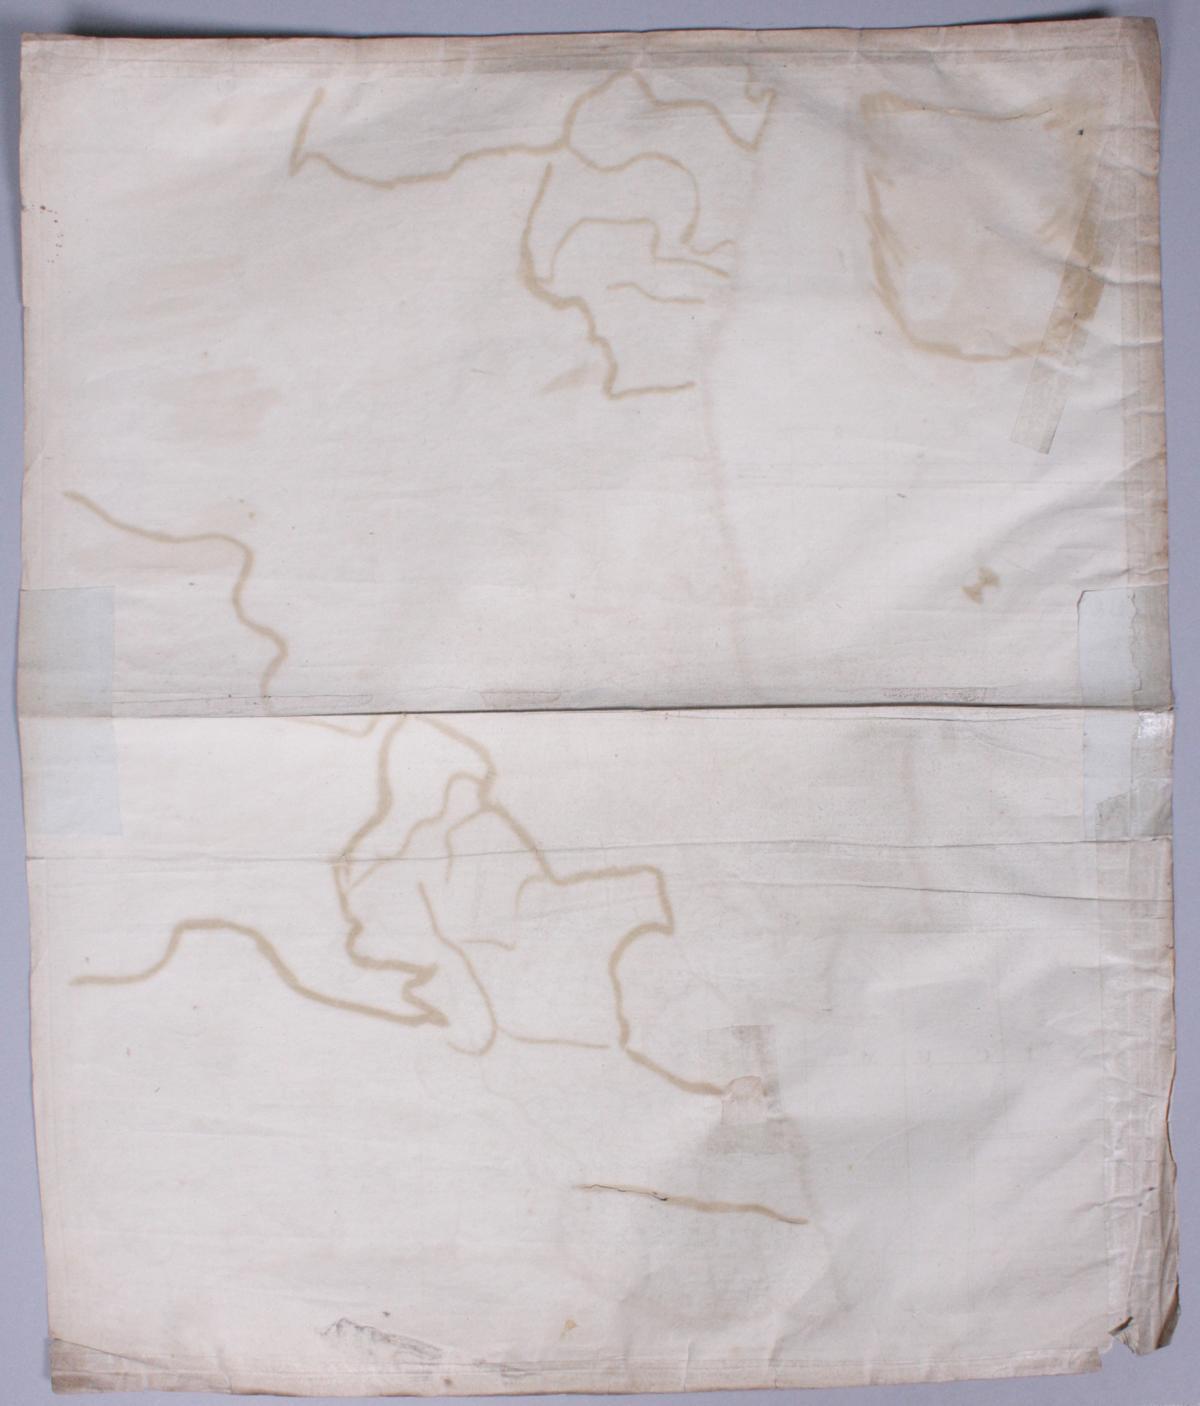 Kupferstich-Karte von Petrus Schenk, datiert 1703, altkoloriert-3